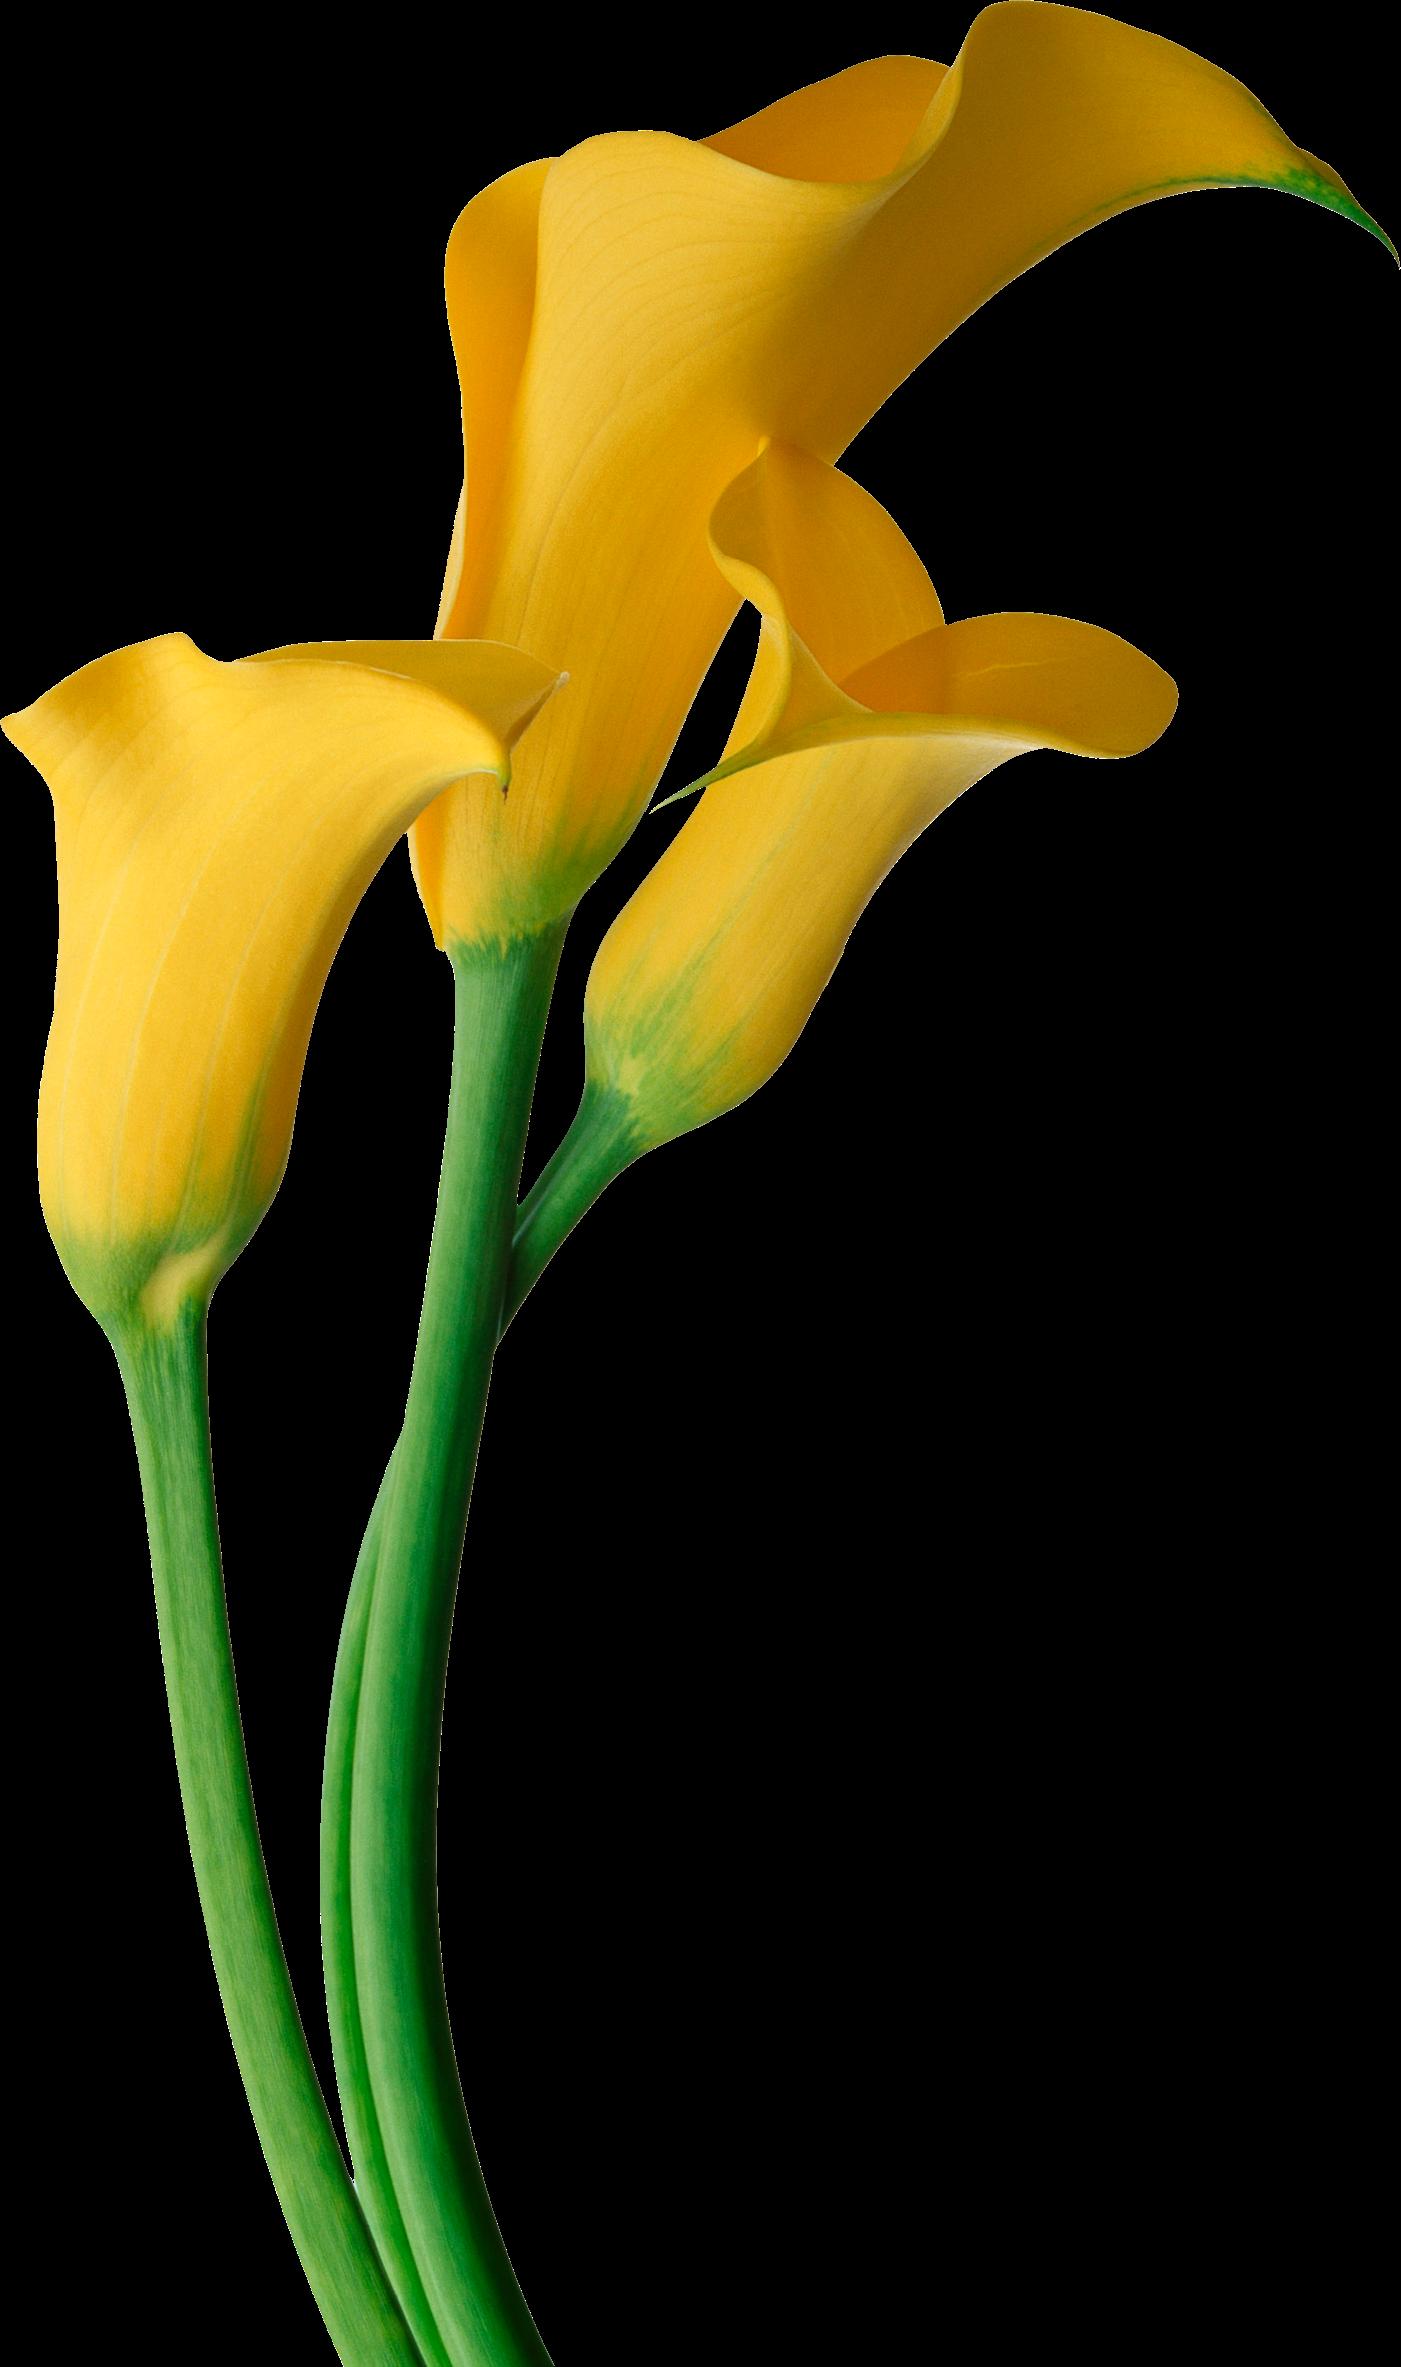 pin by olga uvarova on pinterest confetti rh pinterest com calla lily border clipart free calla lily clipart black and white